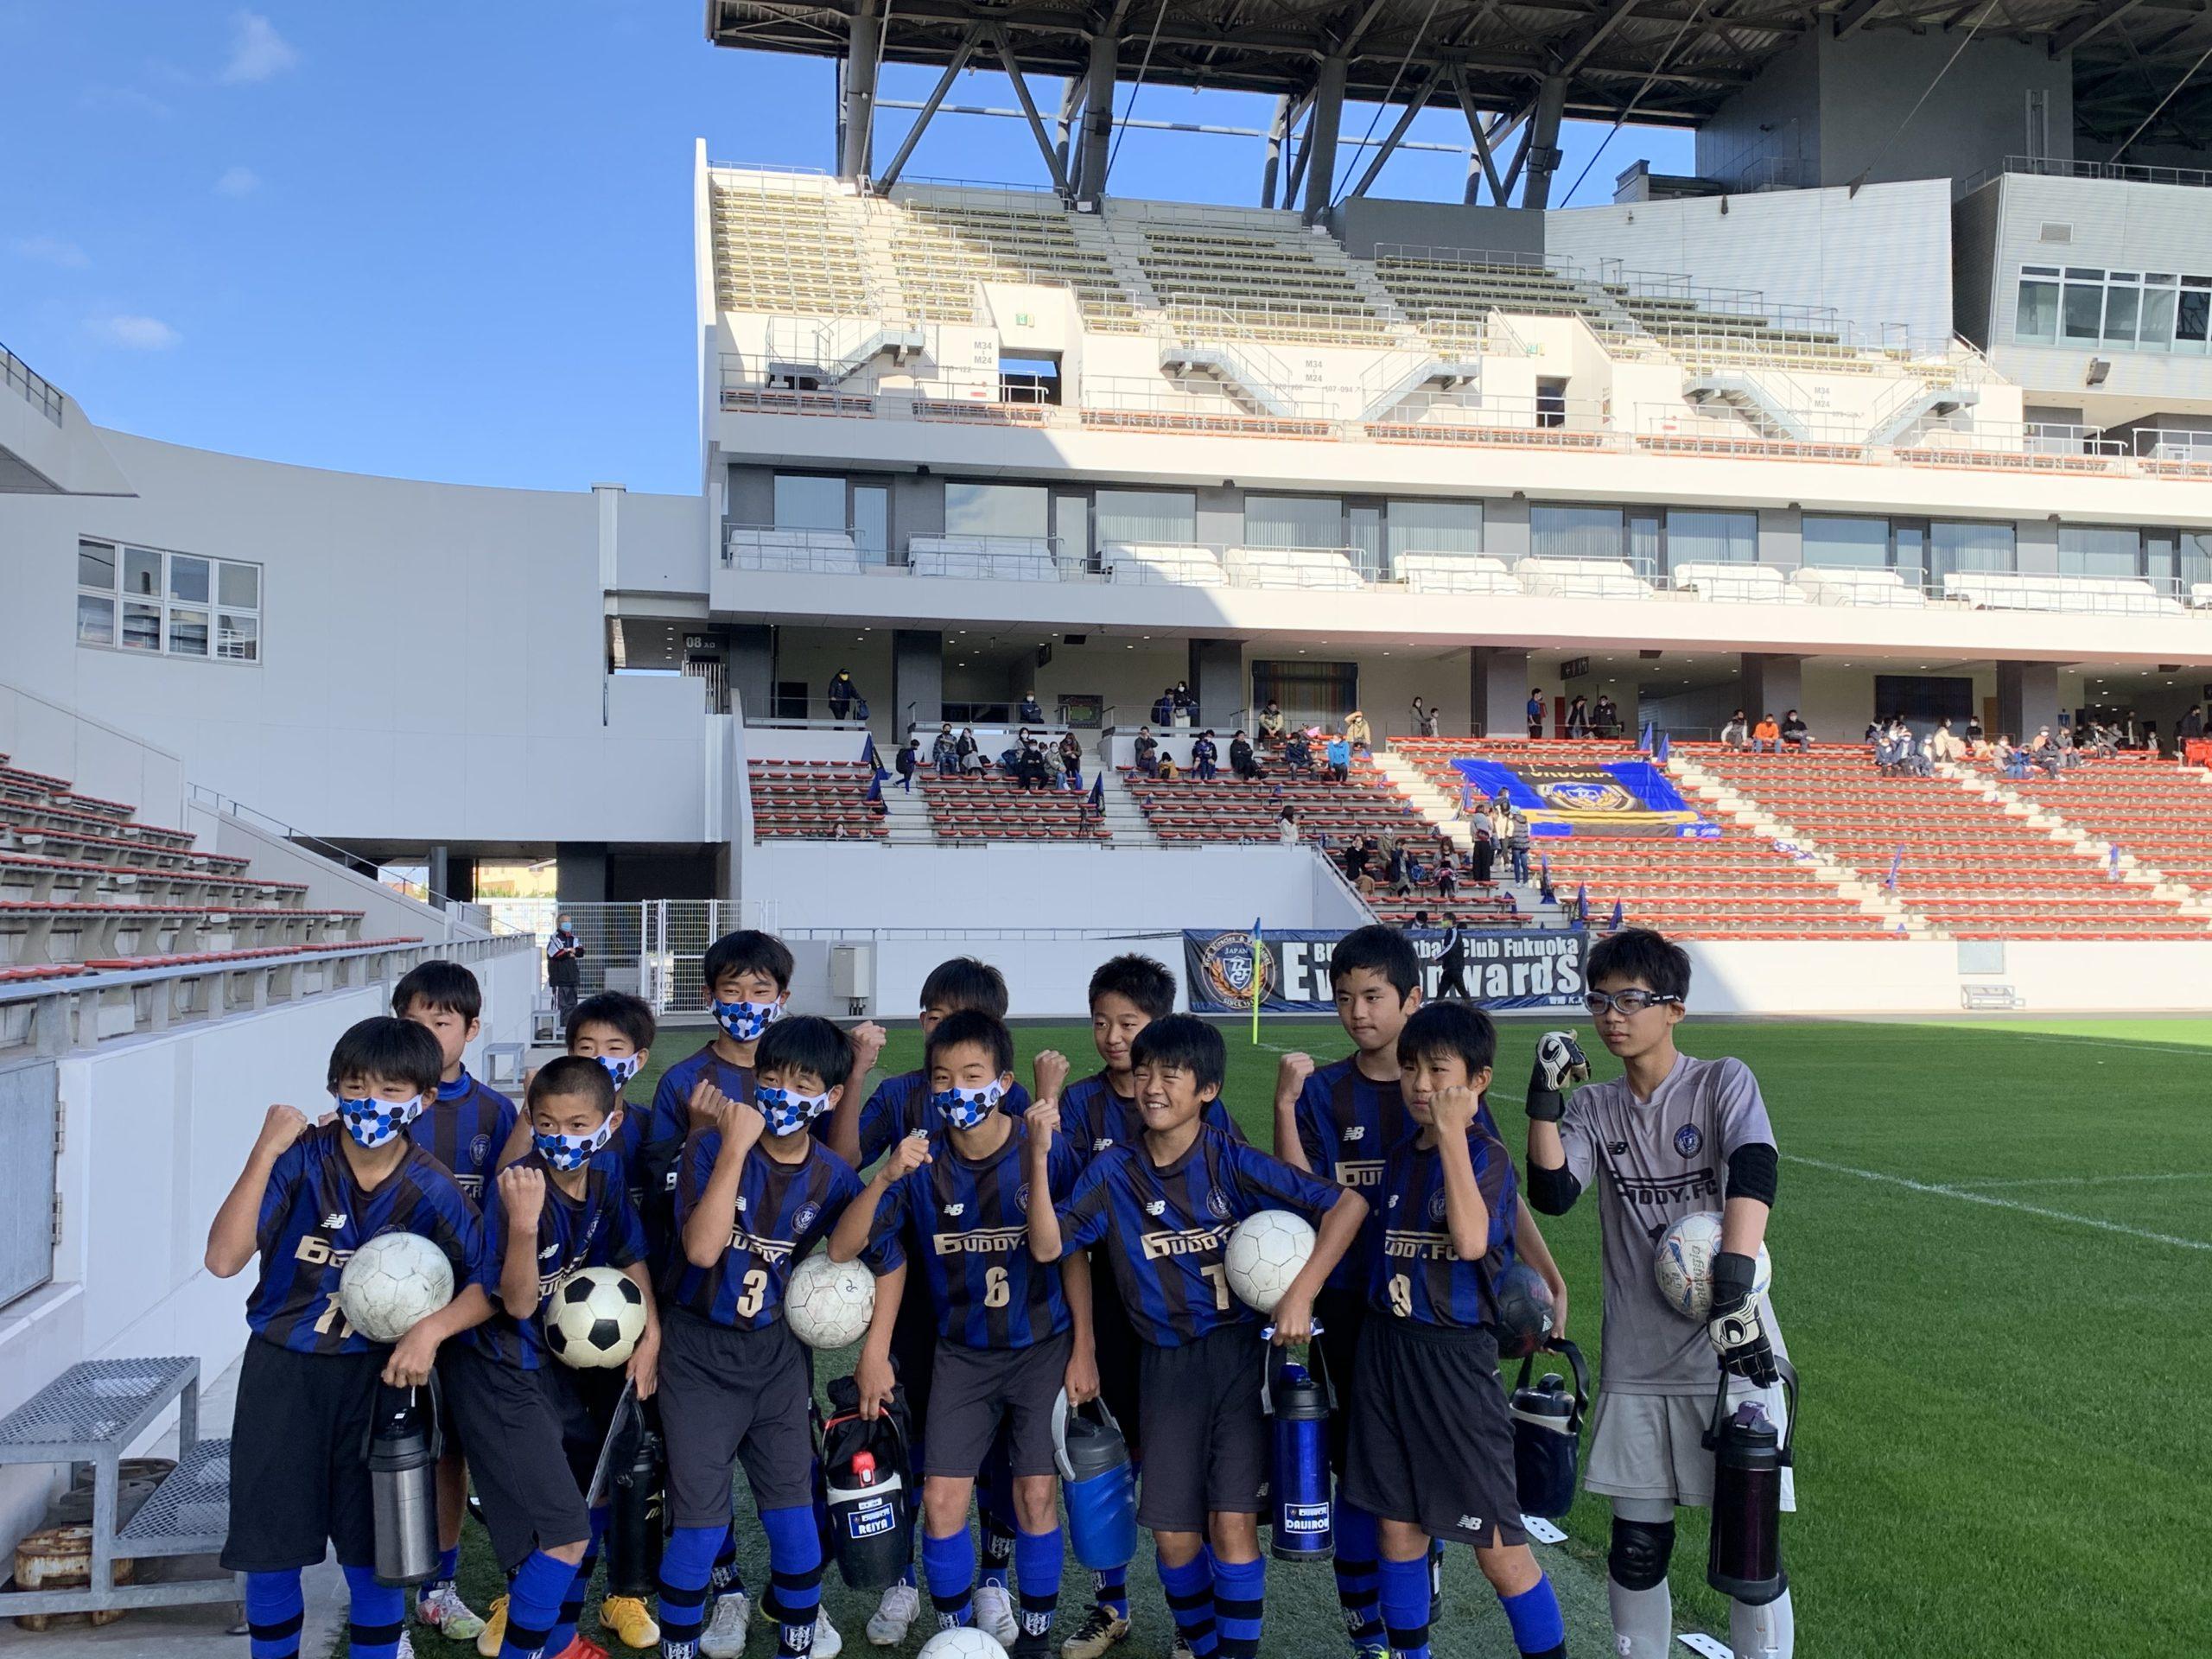 全日本 少年 サッカー 大会 2020 福岡